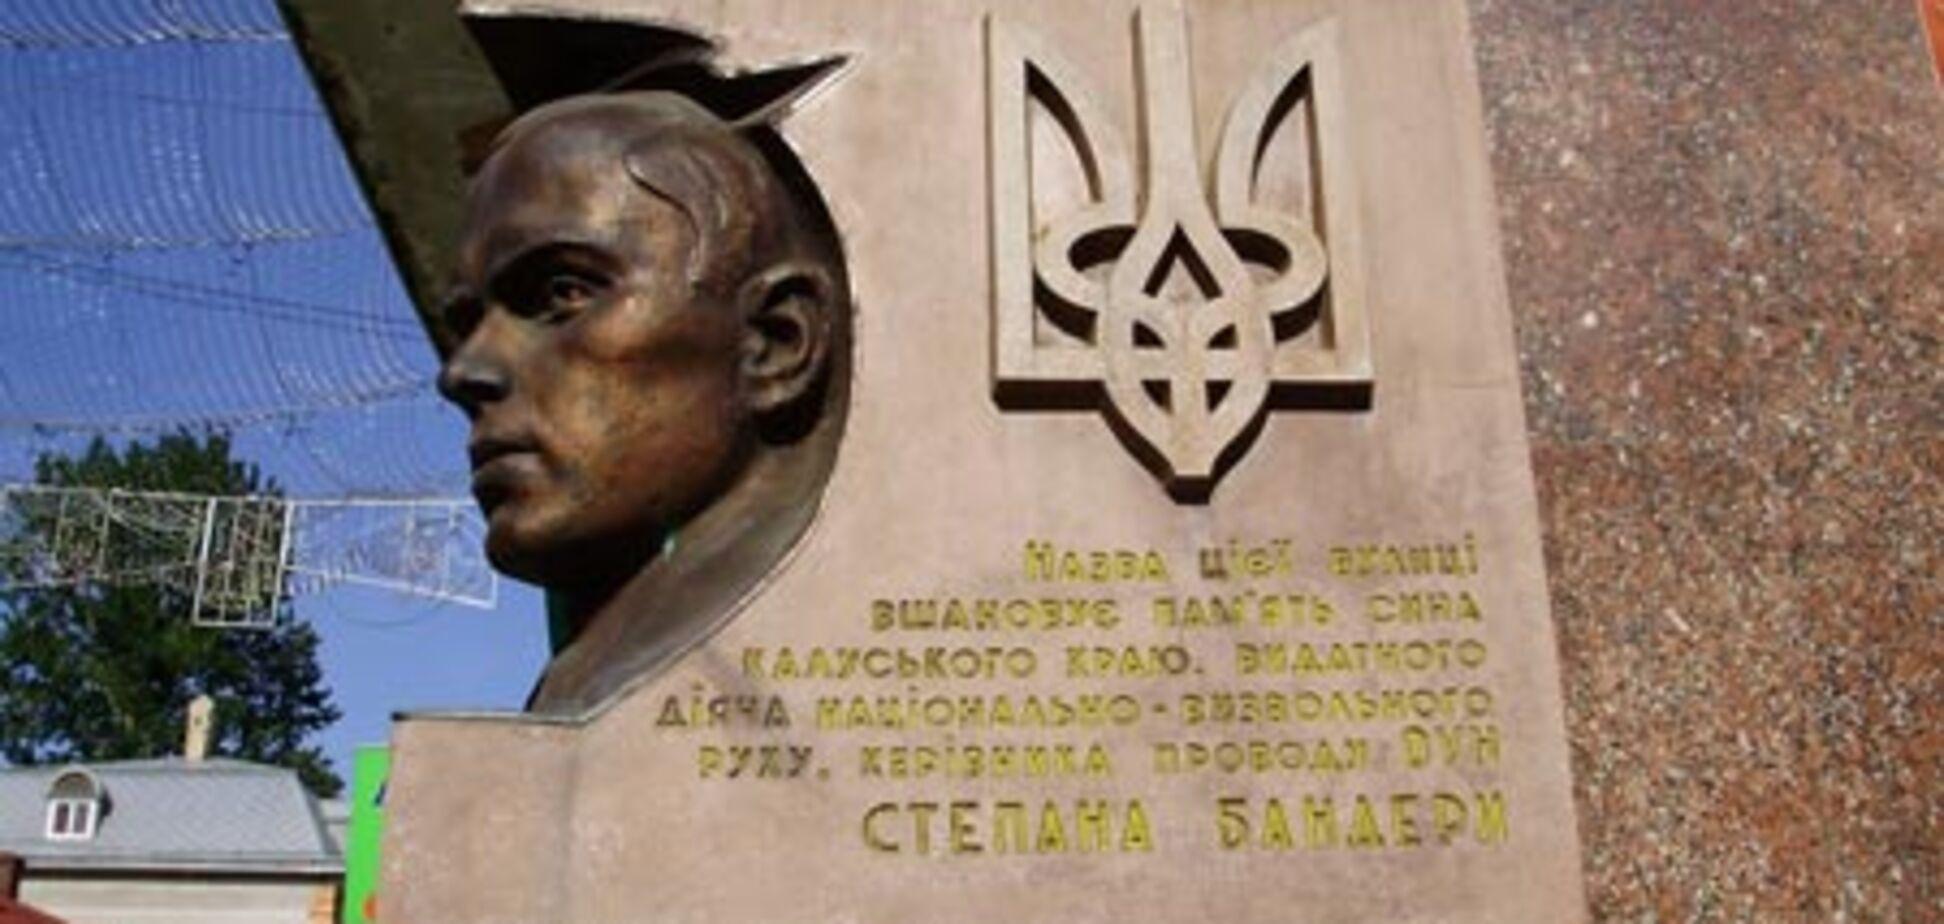 Вулиці ім. Бандери і Шухевича у Львові вирішили перейменувати